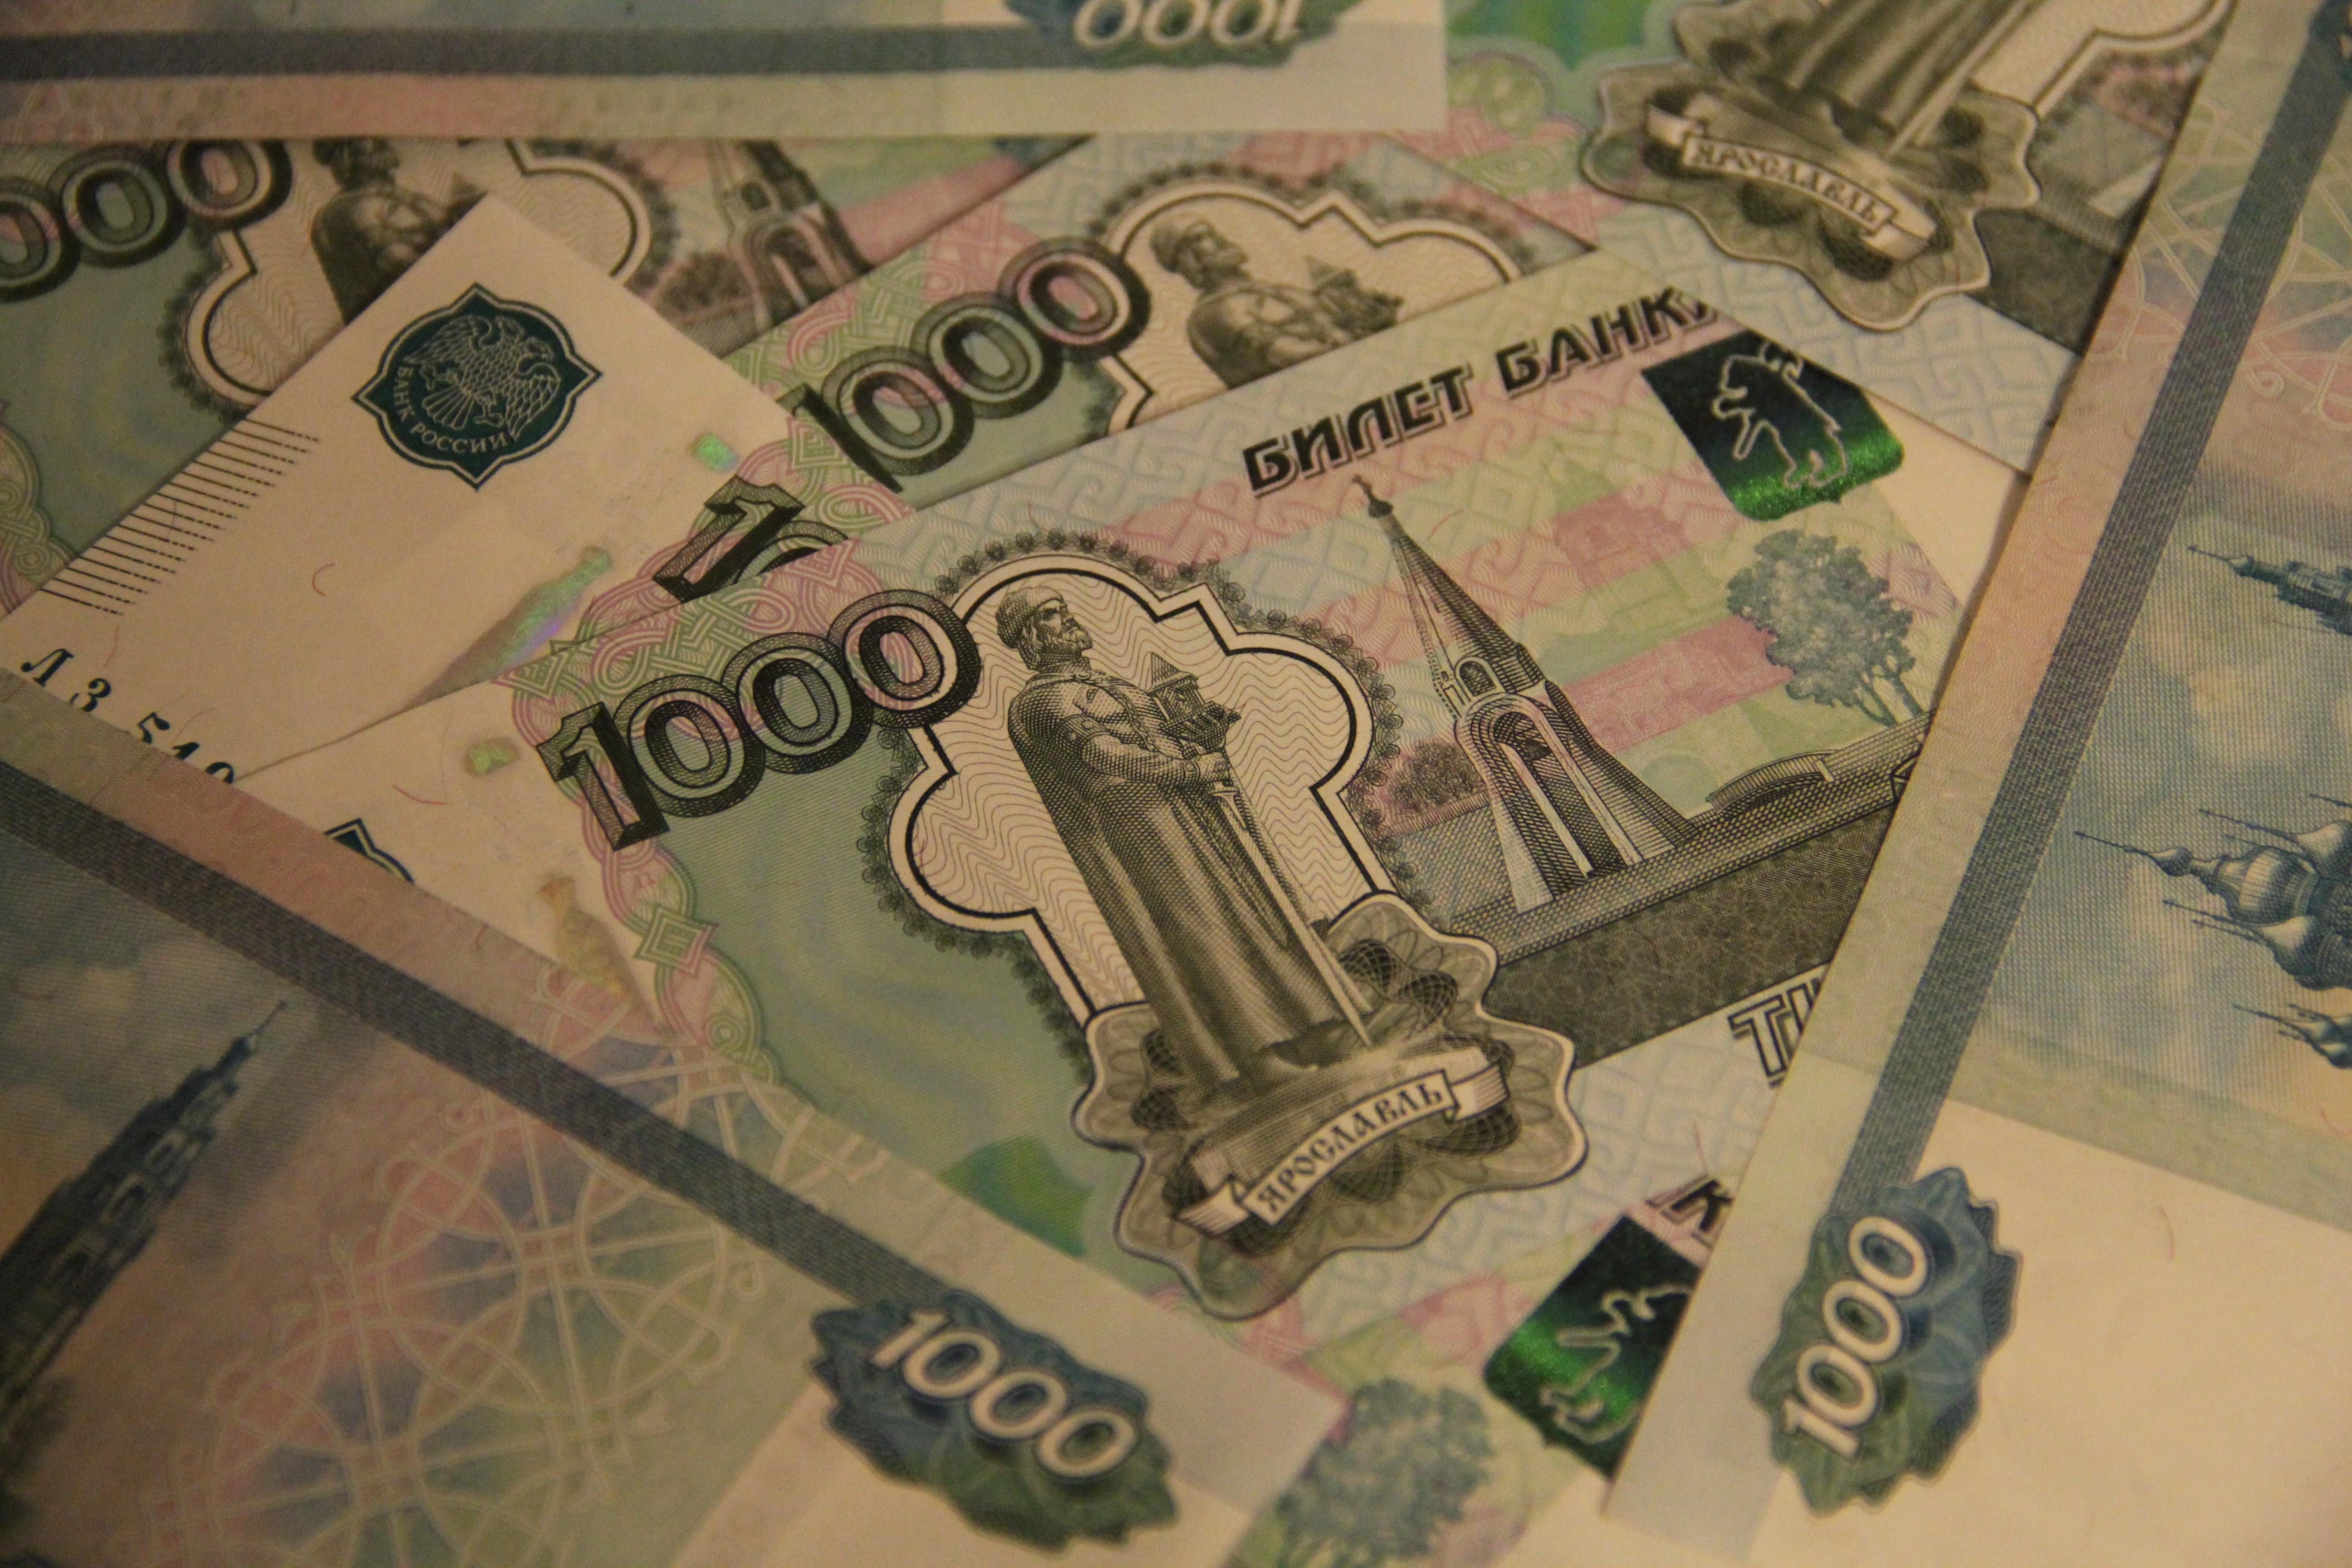 Подошел ккиоску, купил билет. Воронежец одержал победу влотерею 13 млн. руб.